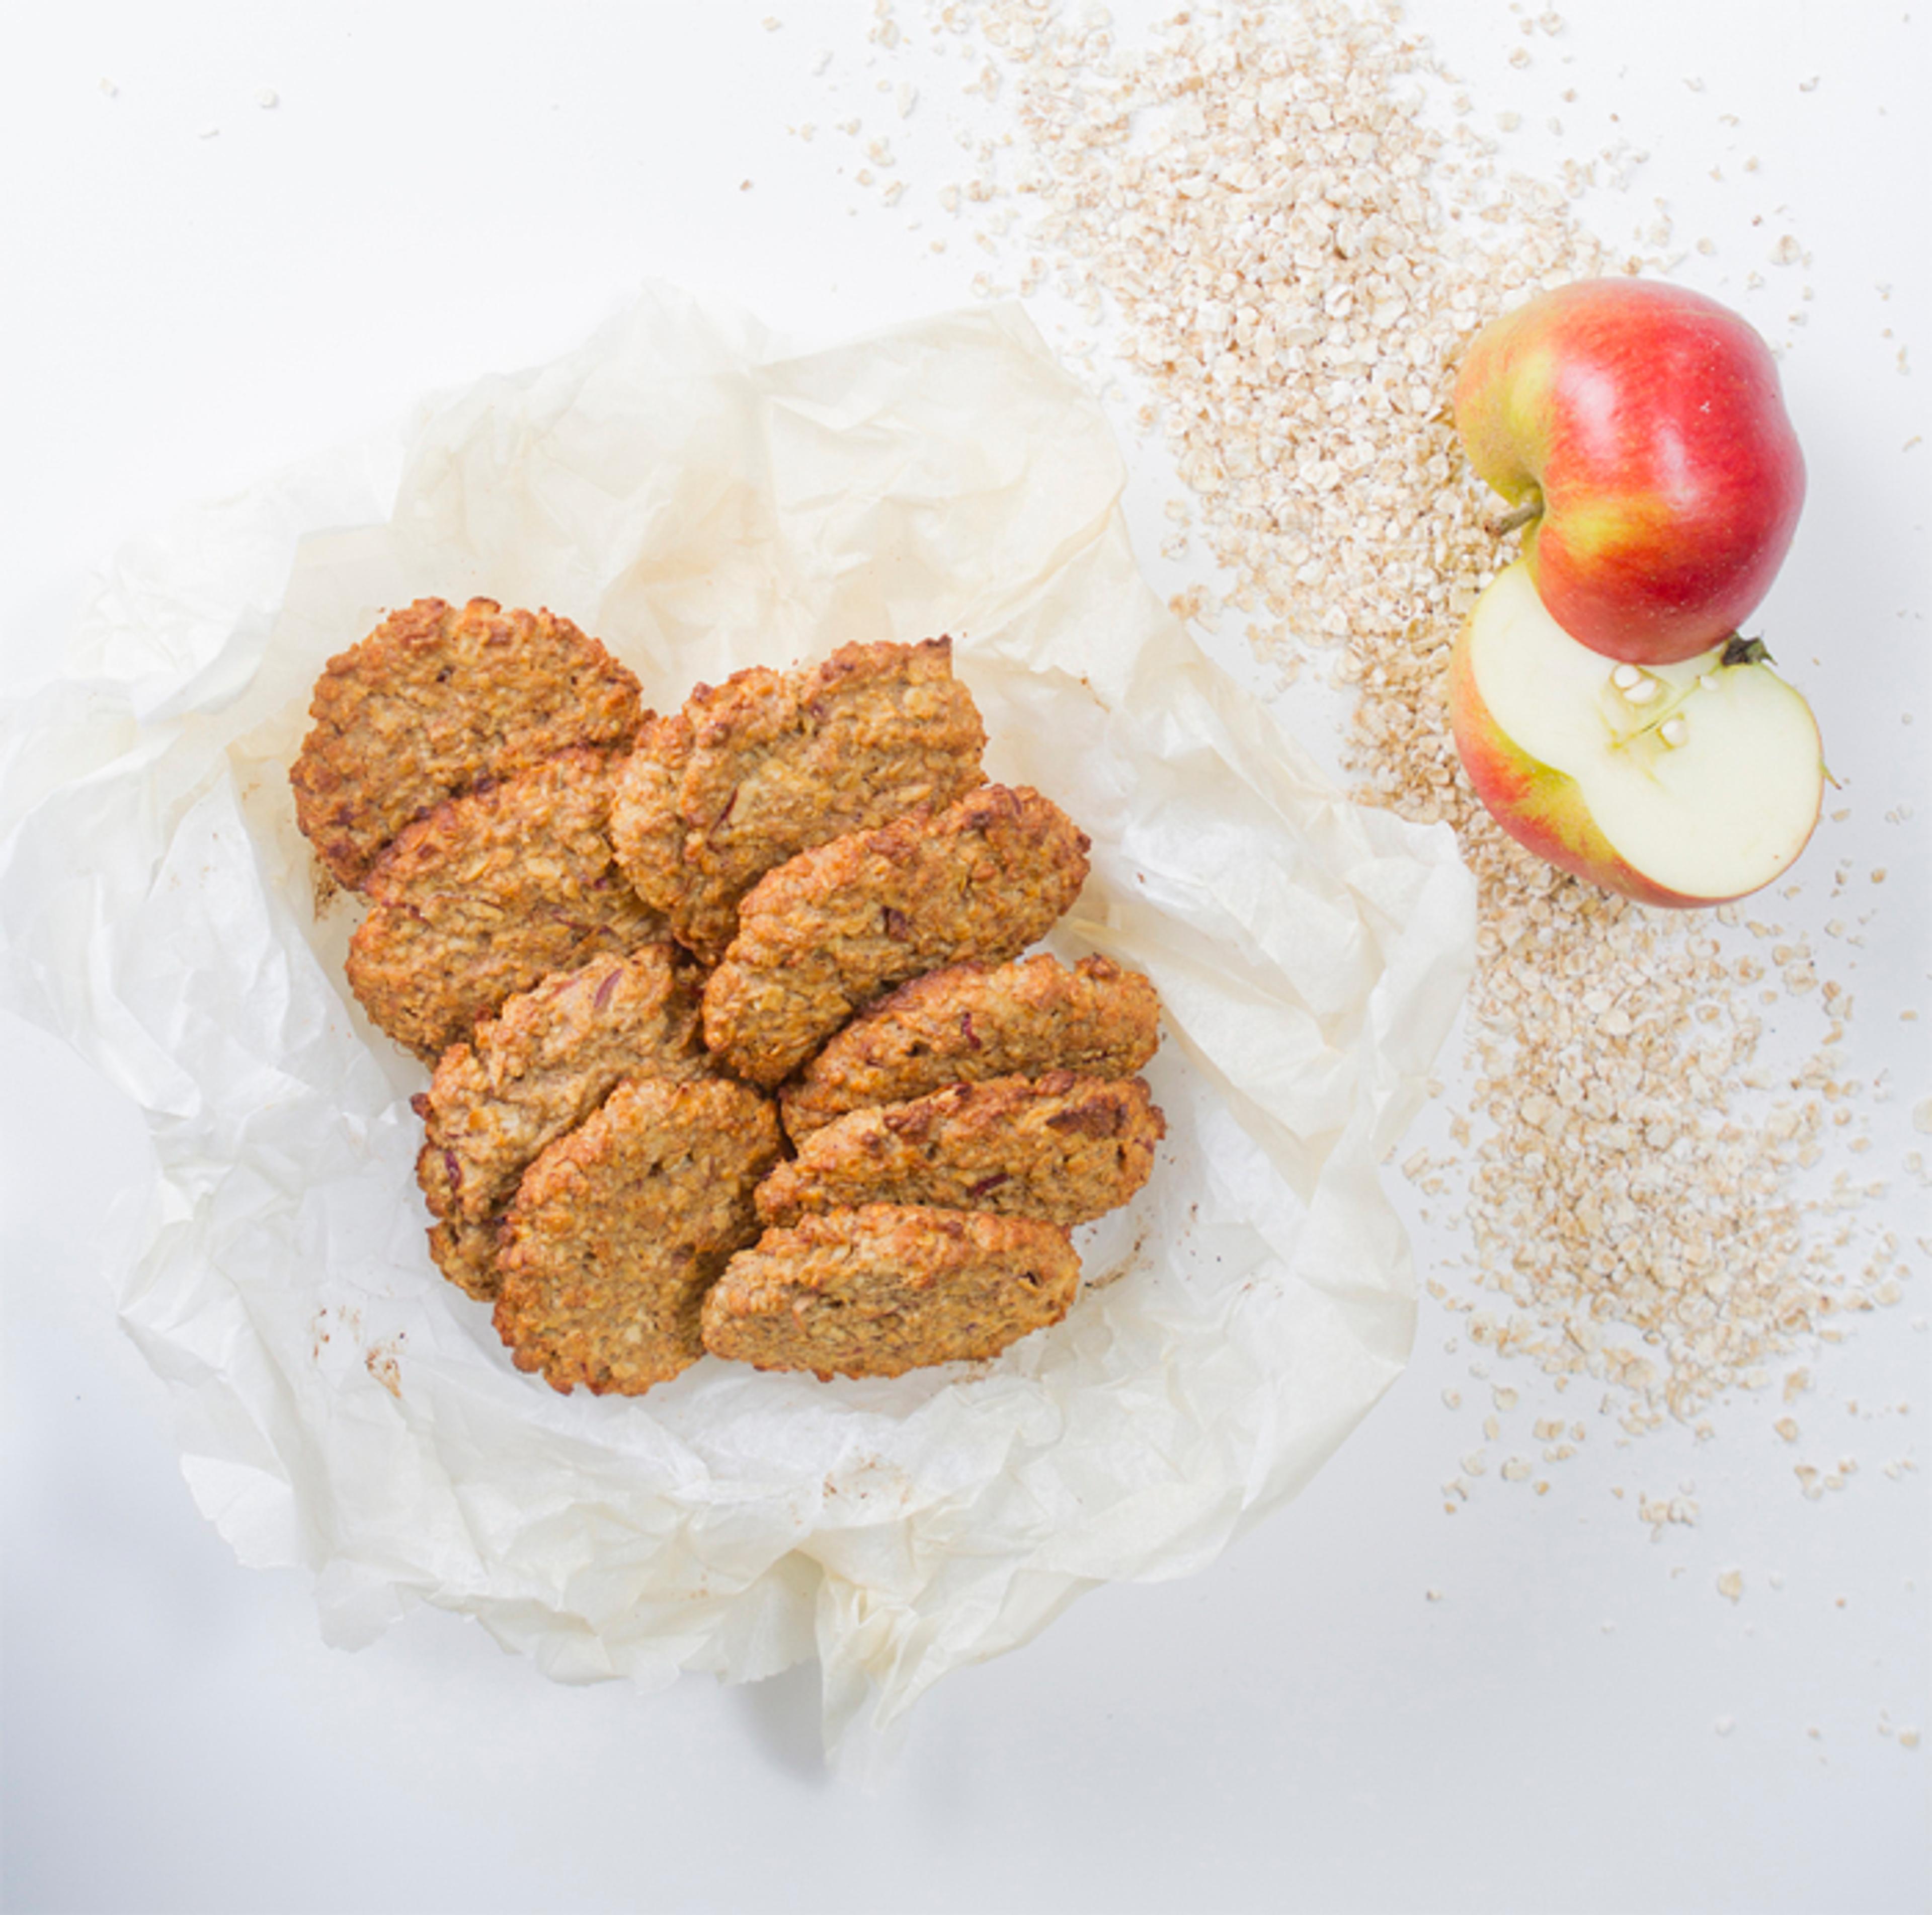 Sunne havrekjeks med kanel og eple